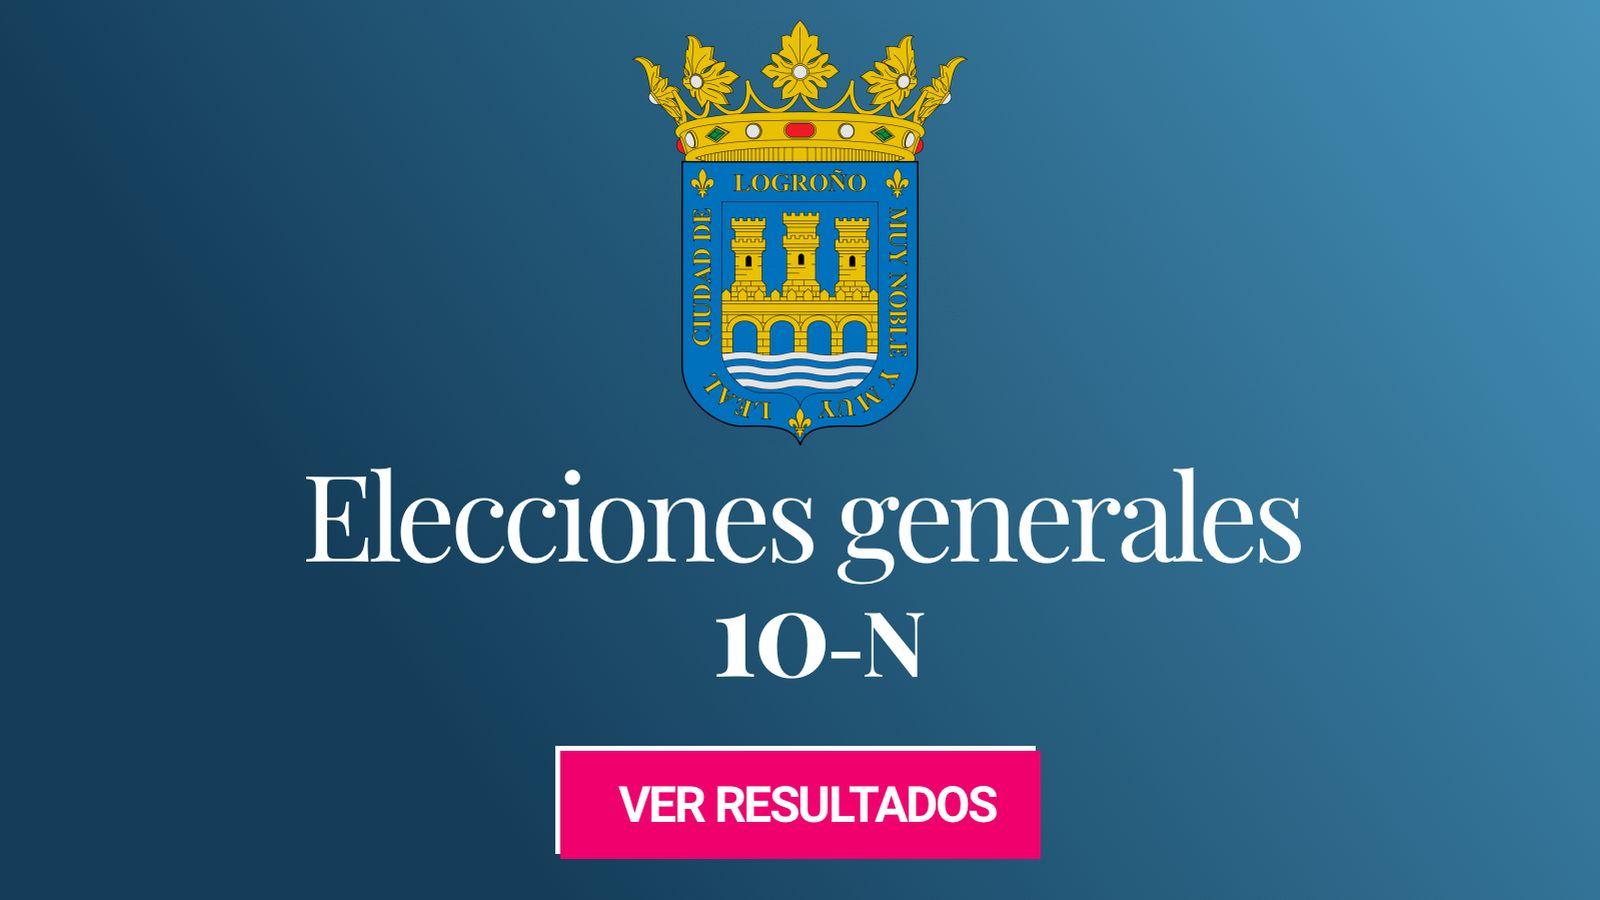 Foto: Elecciones generales 2019 en Logroño. (C.C./EC)